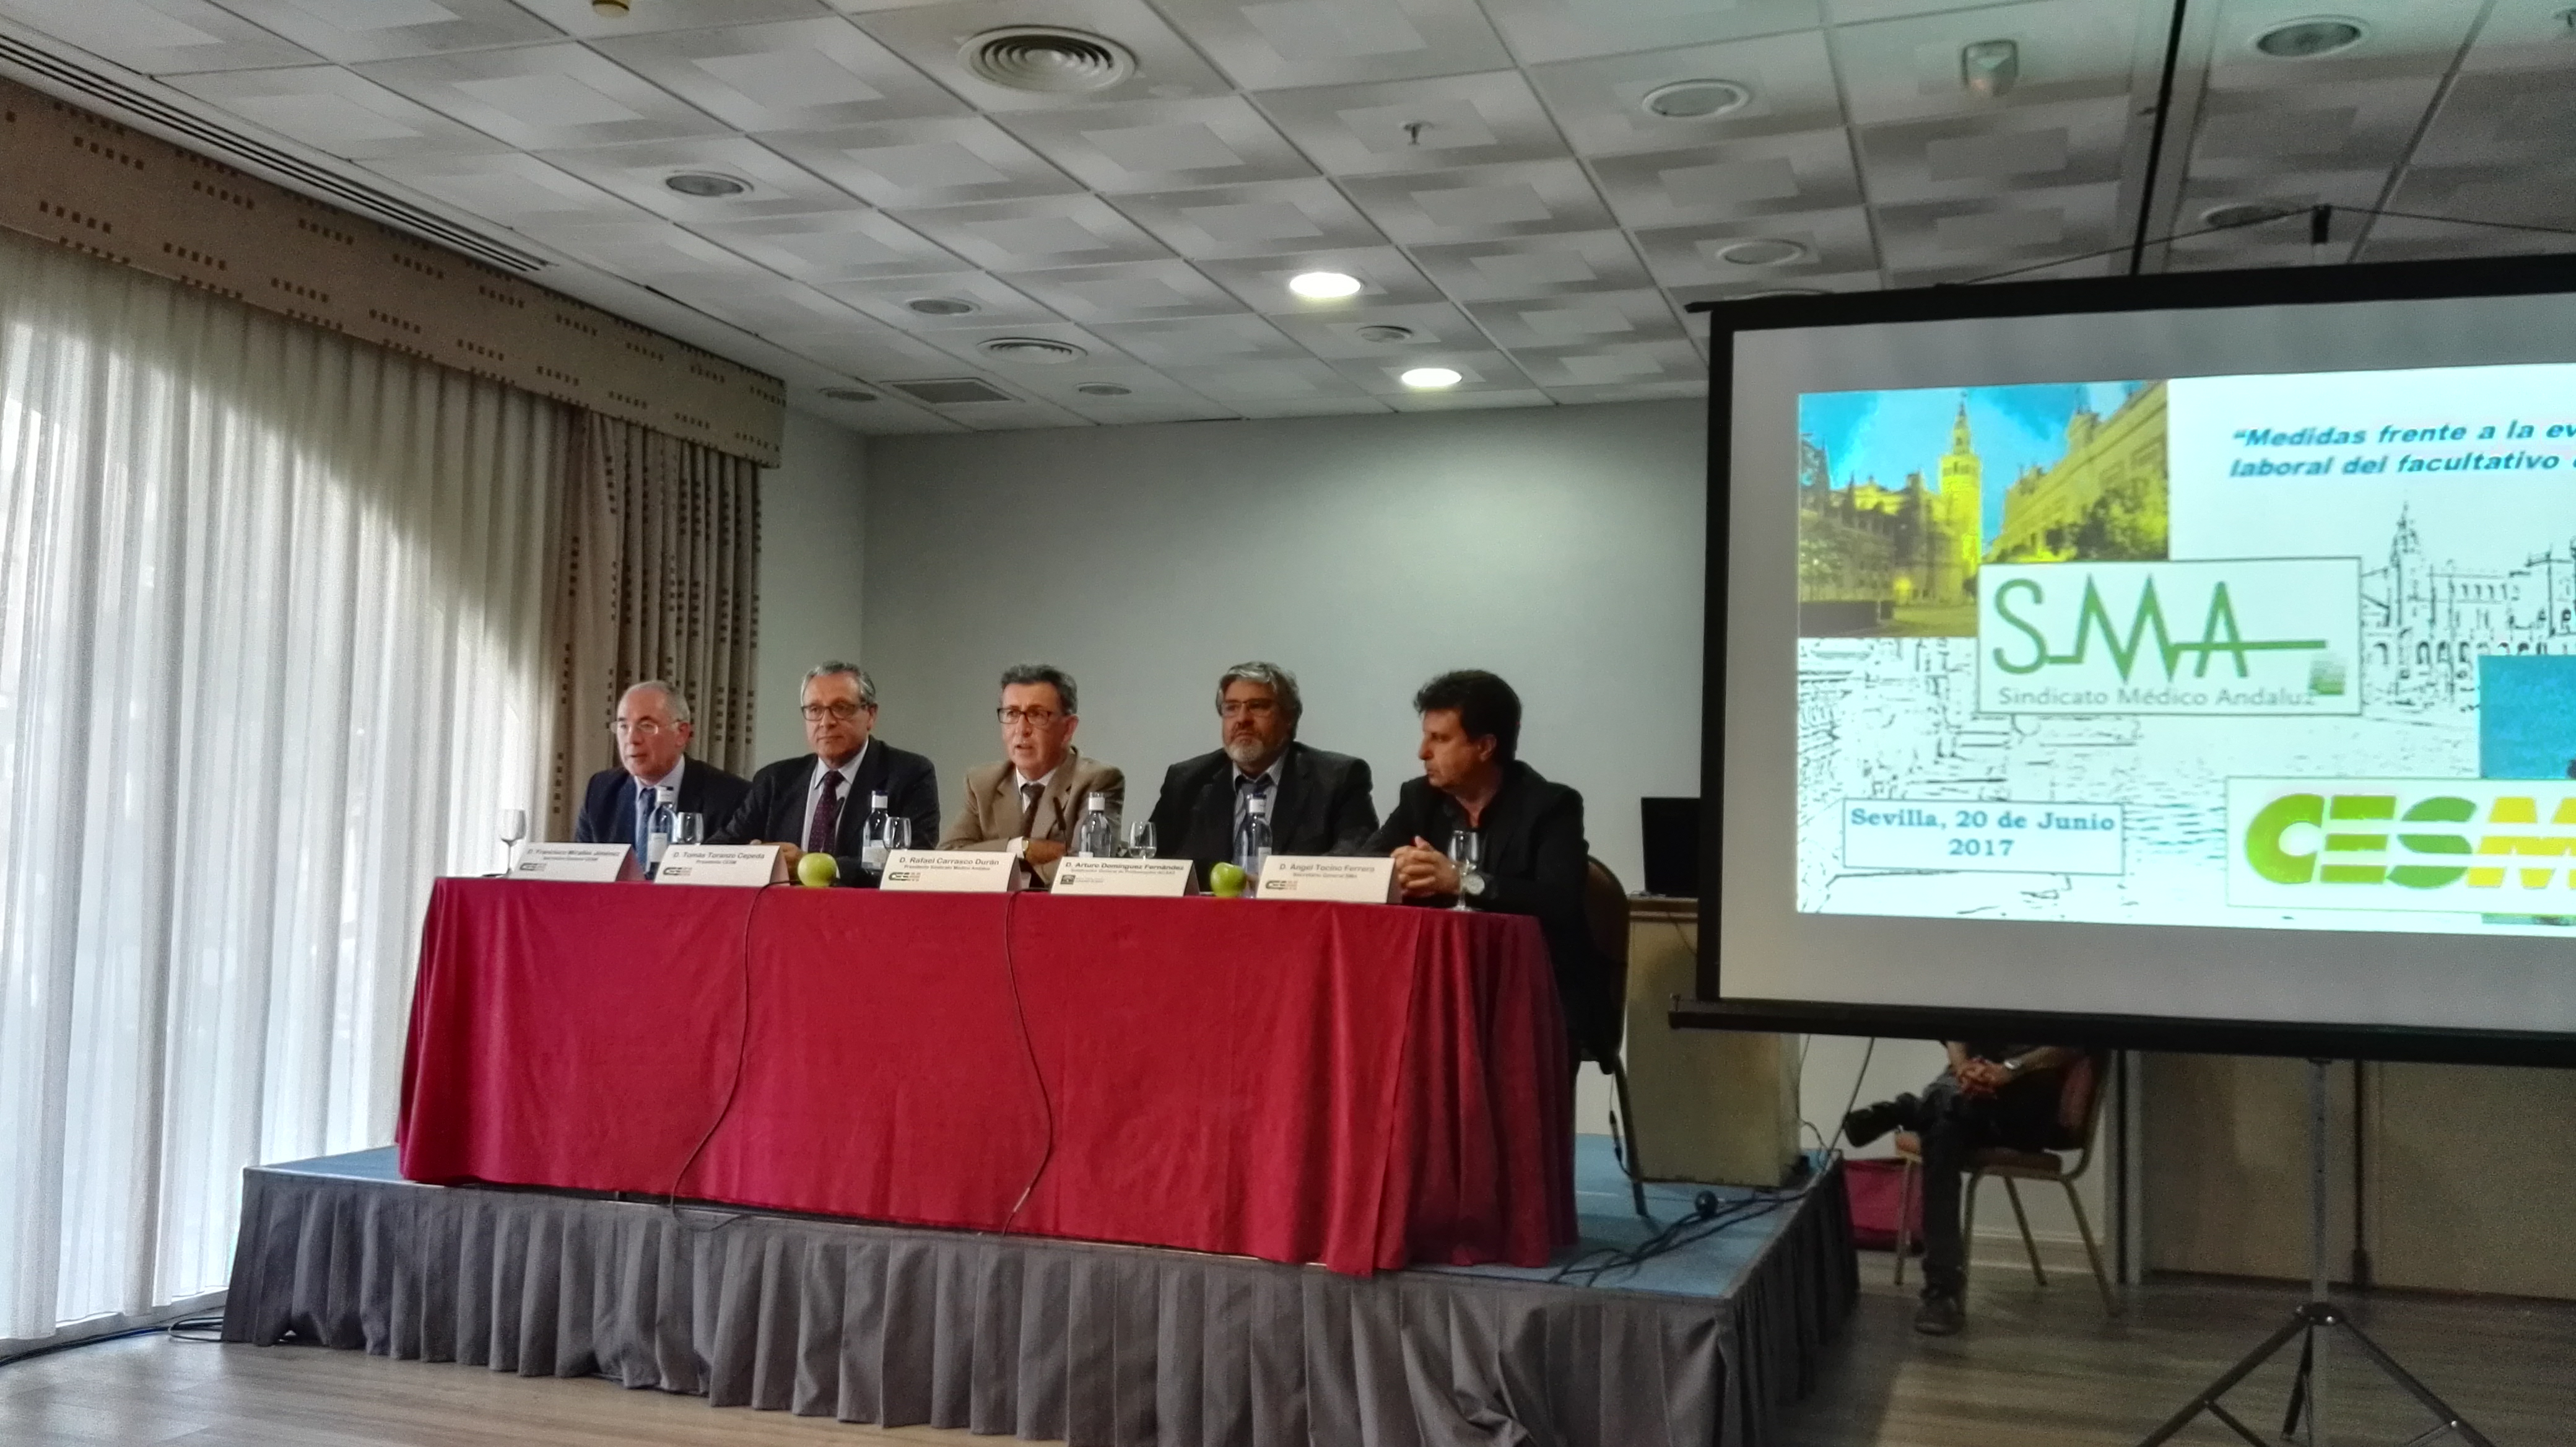 Francisco Miralles, secretario general CESM; Tomás Toranzo, presidente CESM; Rafael Carrasco, presidente SMA; Arturo Domínguez, subdirector general de profesionales del SAS; Ángel Tocino, secretario general SMA.